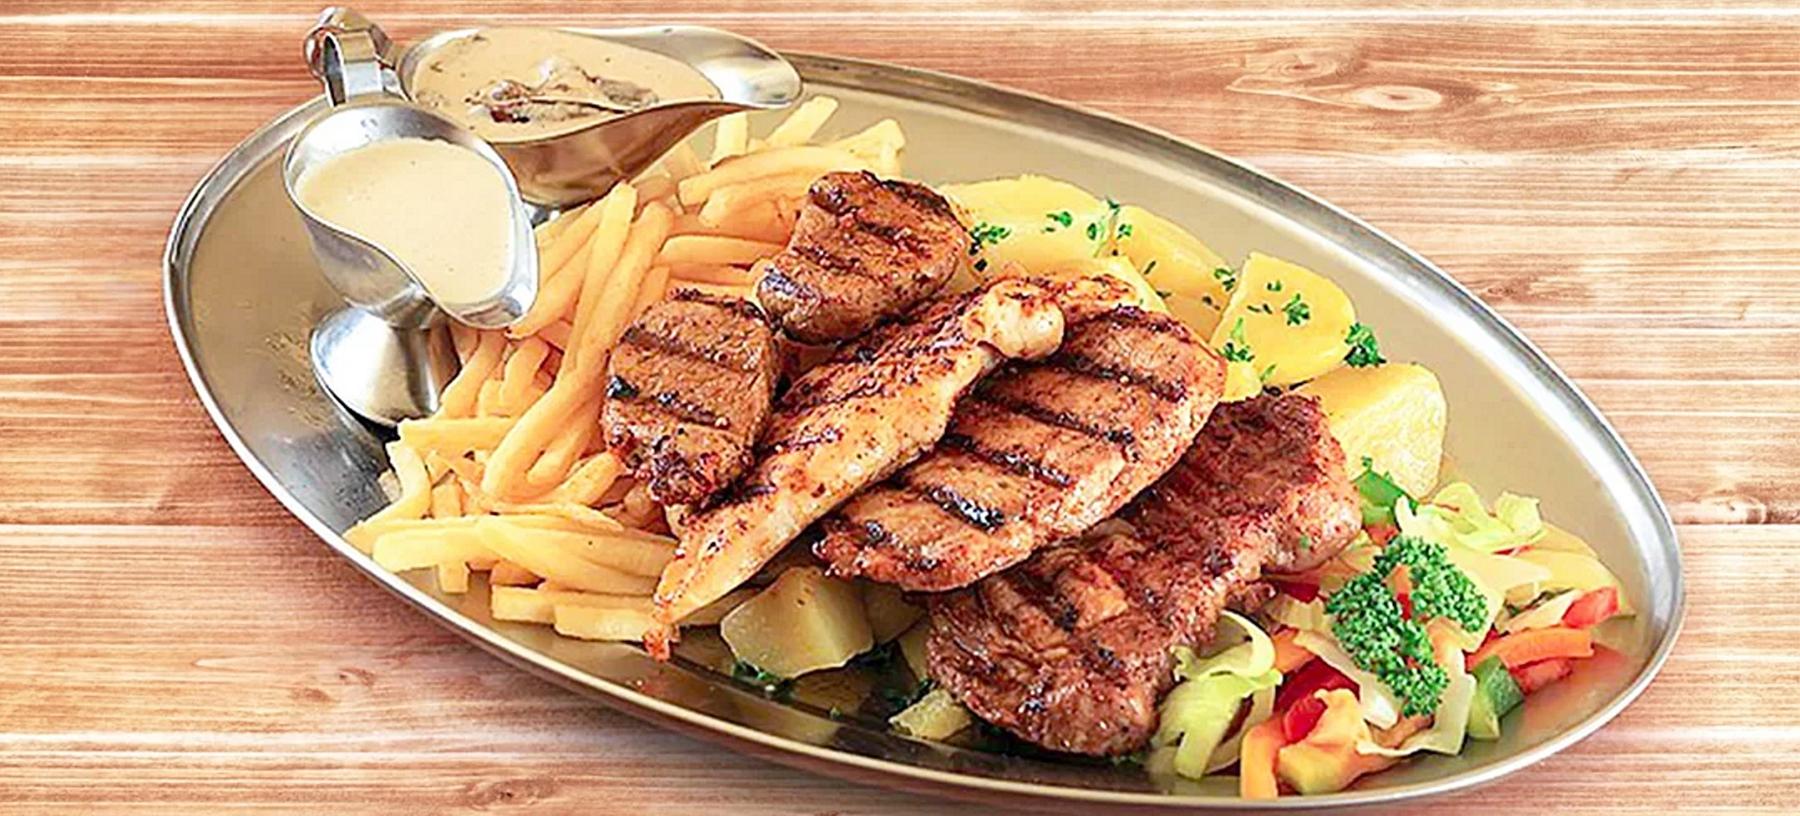 Steakový mixgrill pro 2 osoby vč. příloh a omáček